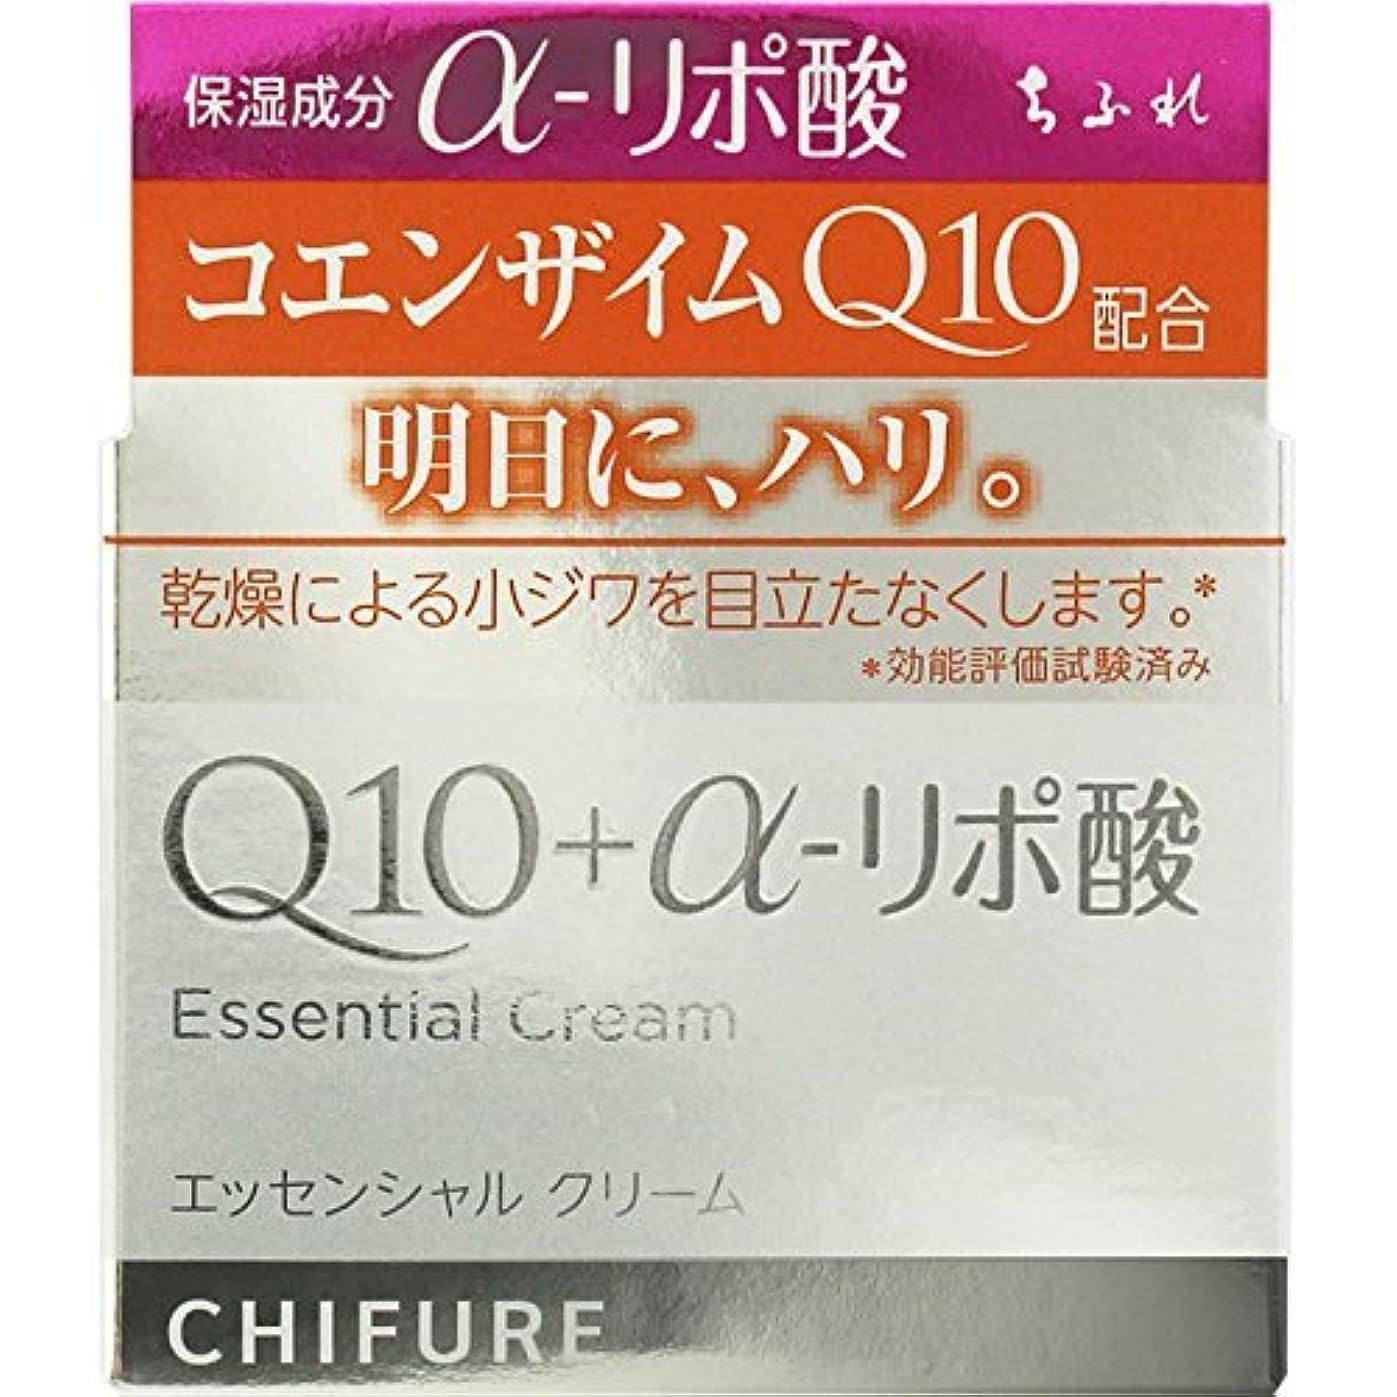 決済カップルクラフトちふれ化粧品 エッセンシャルクリーム N 30g 30G